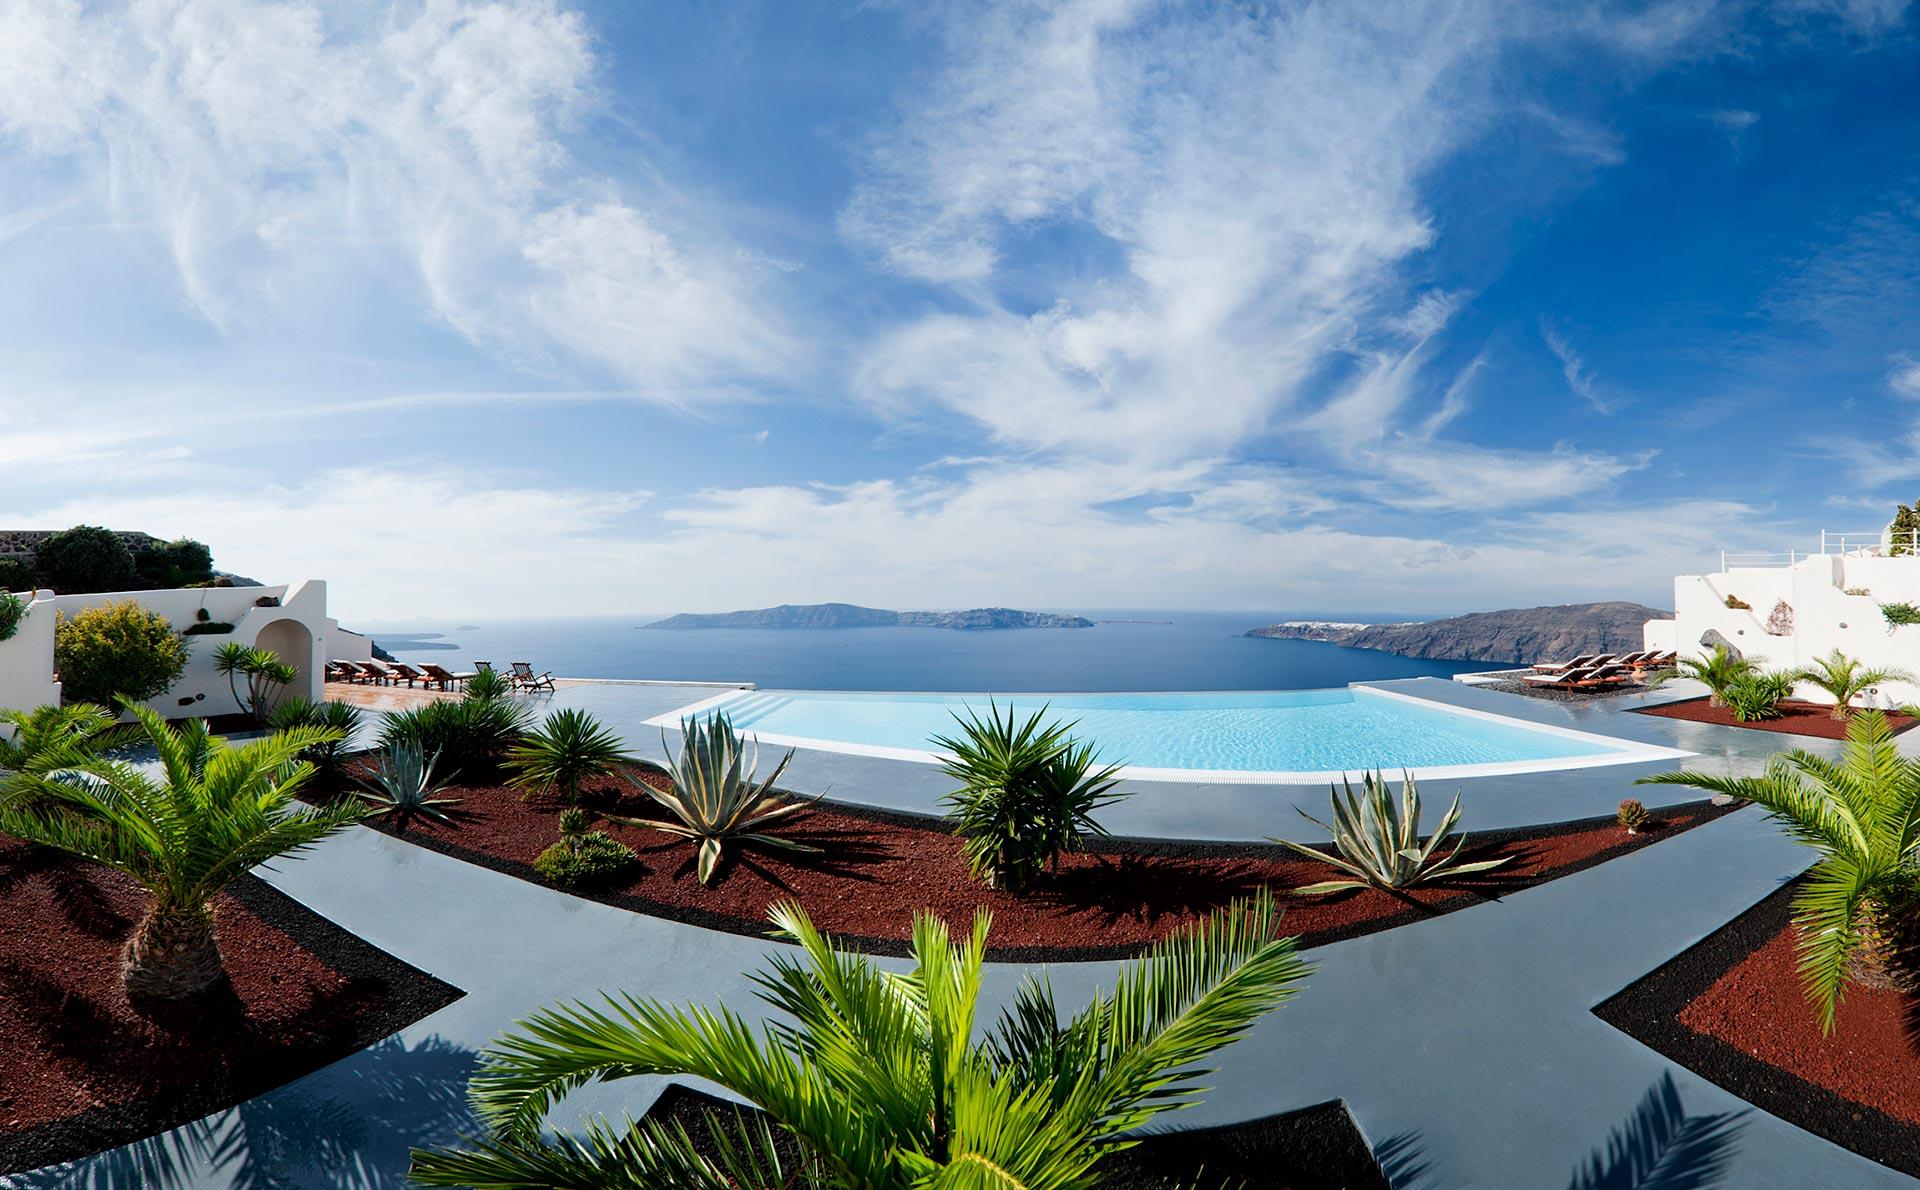 Santorini Photos | Imerovigli Photo Gallery | Anastasis ...